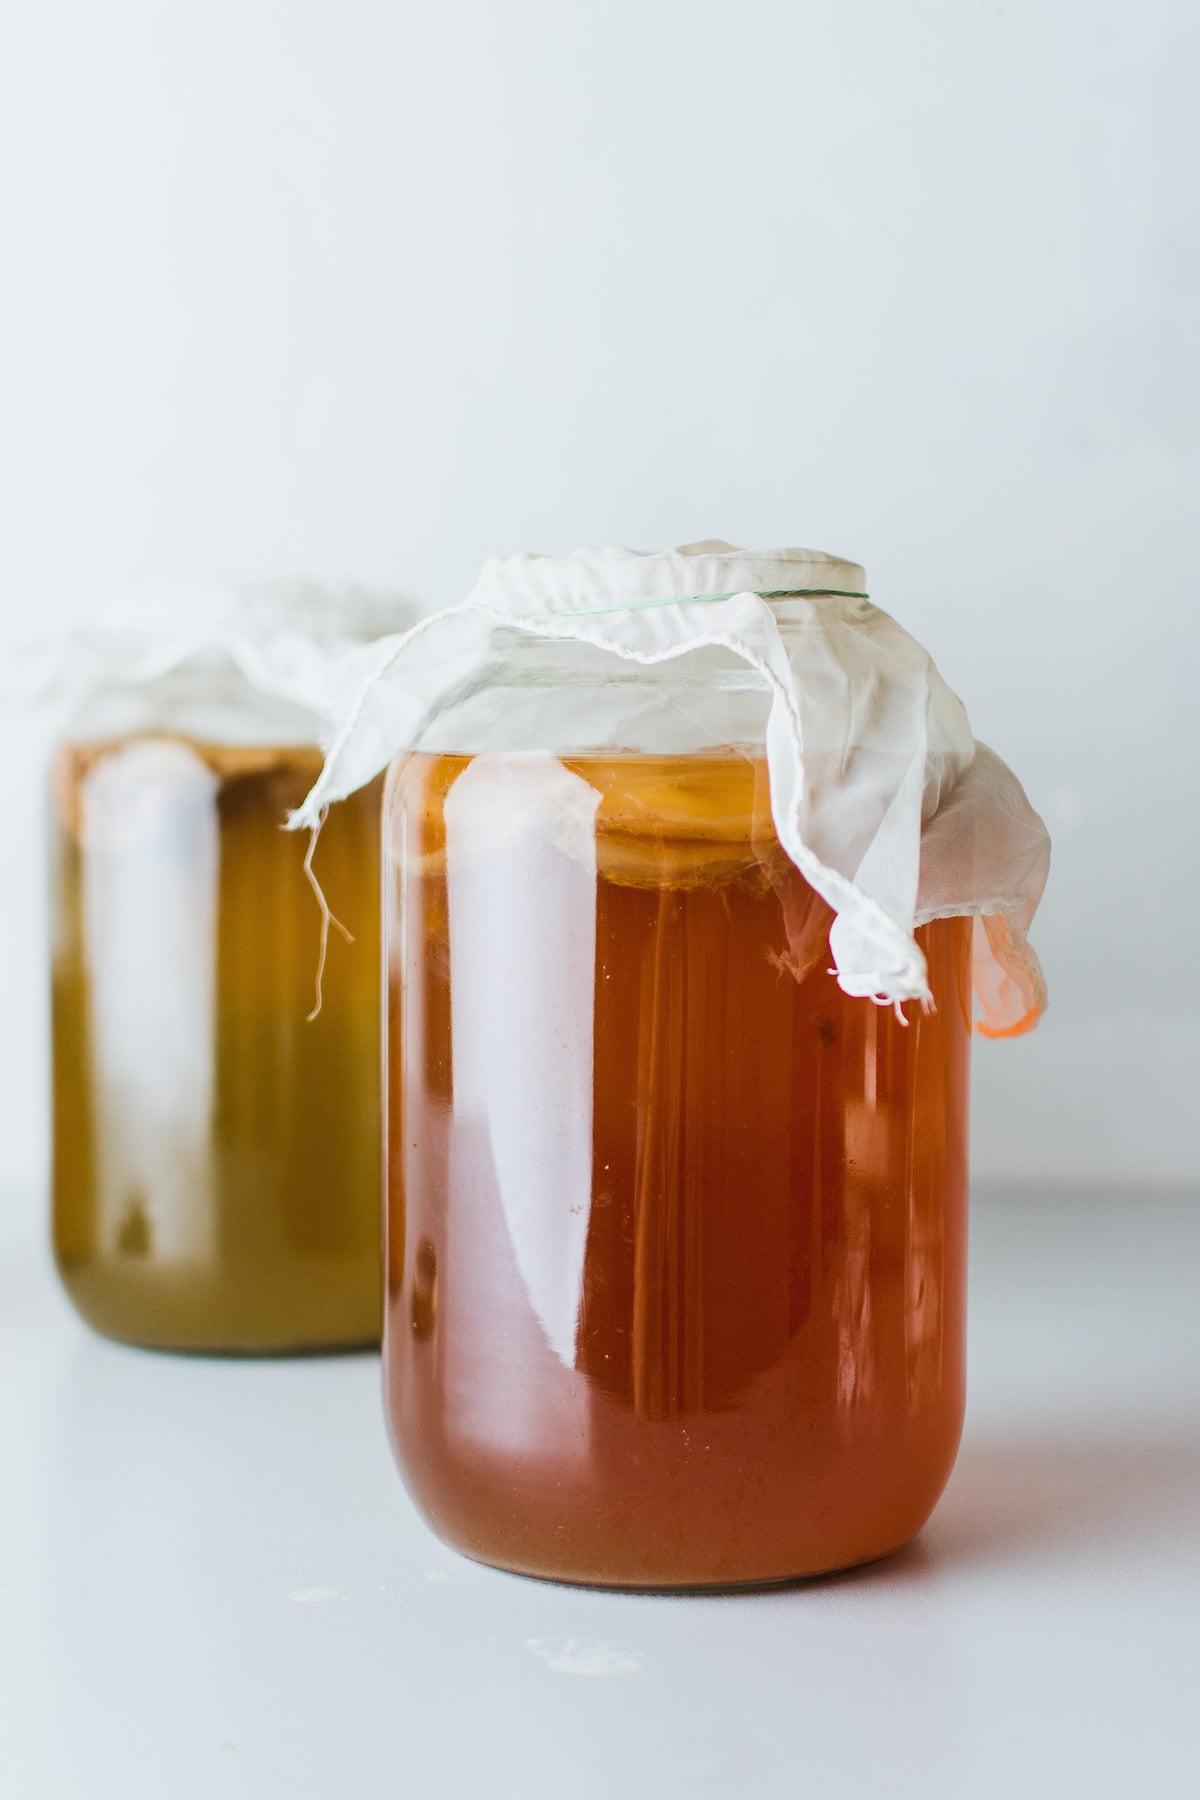 botle of combucha